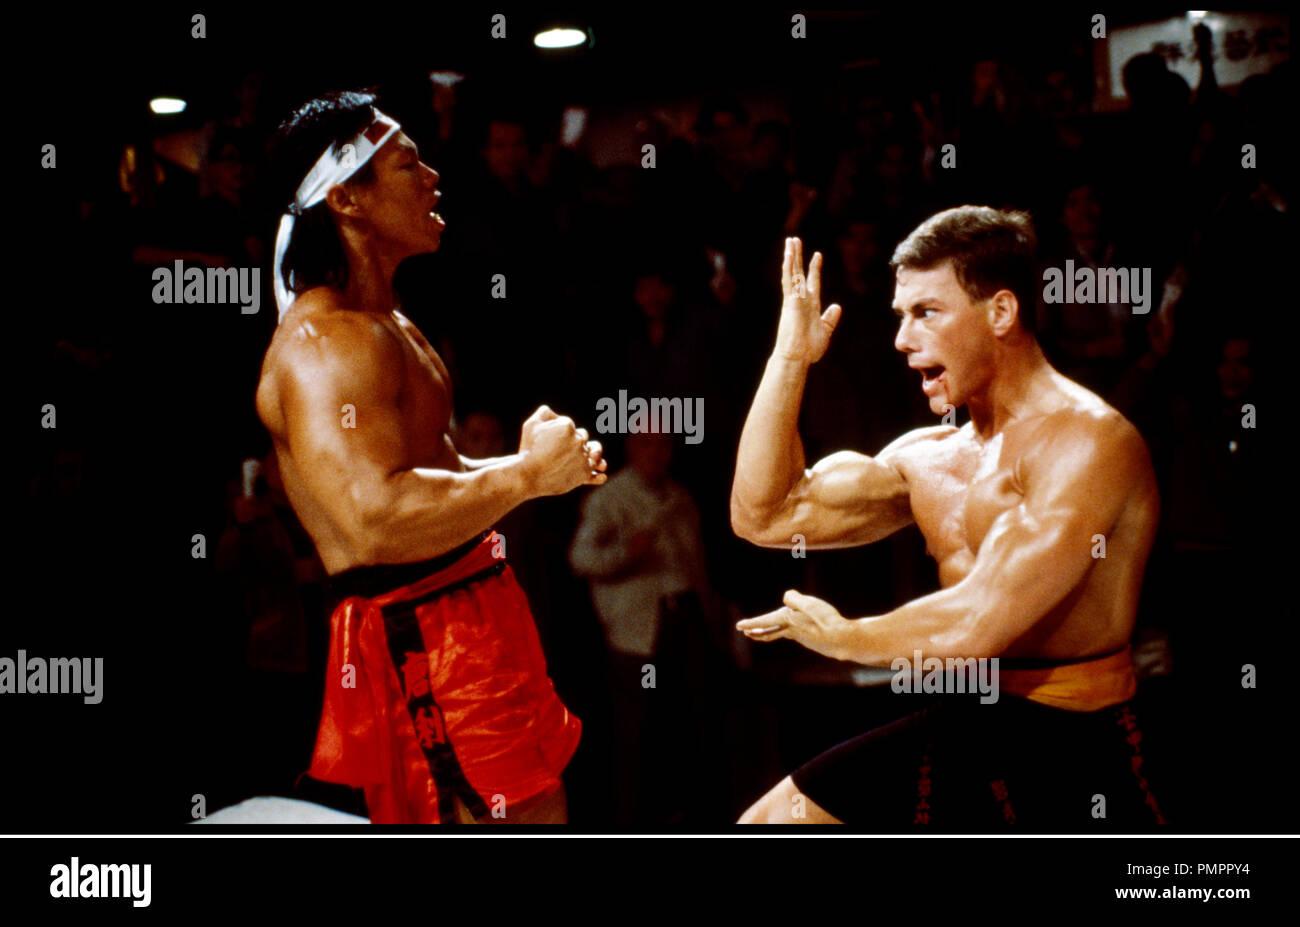 Prod DB © Cannon Films / DR BLOODSPORT, TOUS LES COUPS SONT PERMIS (BLOODSPORT) de Newt Arnold 1988 USA avec Jean-Claude Van Damme arts martiaux, combat, - Stock Image